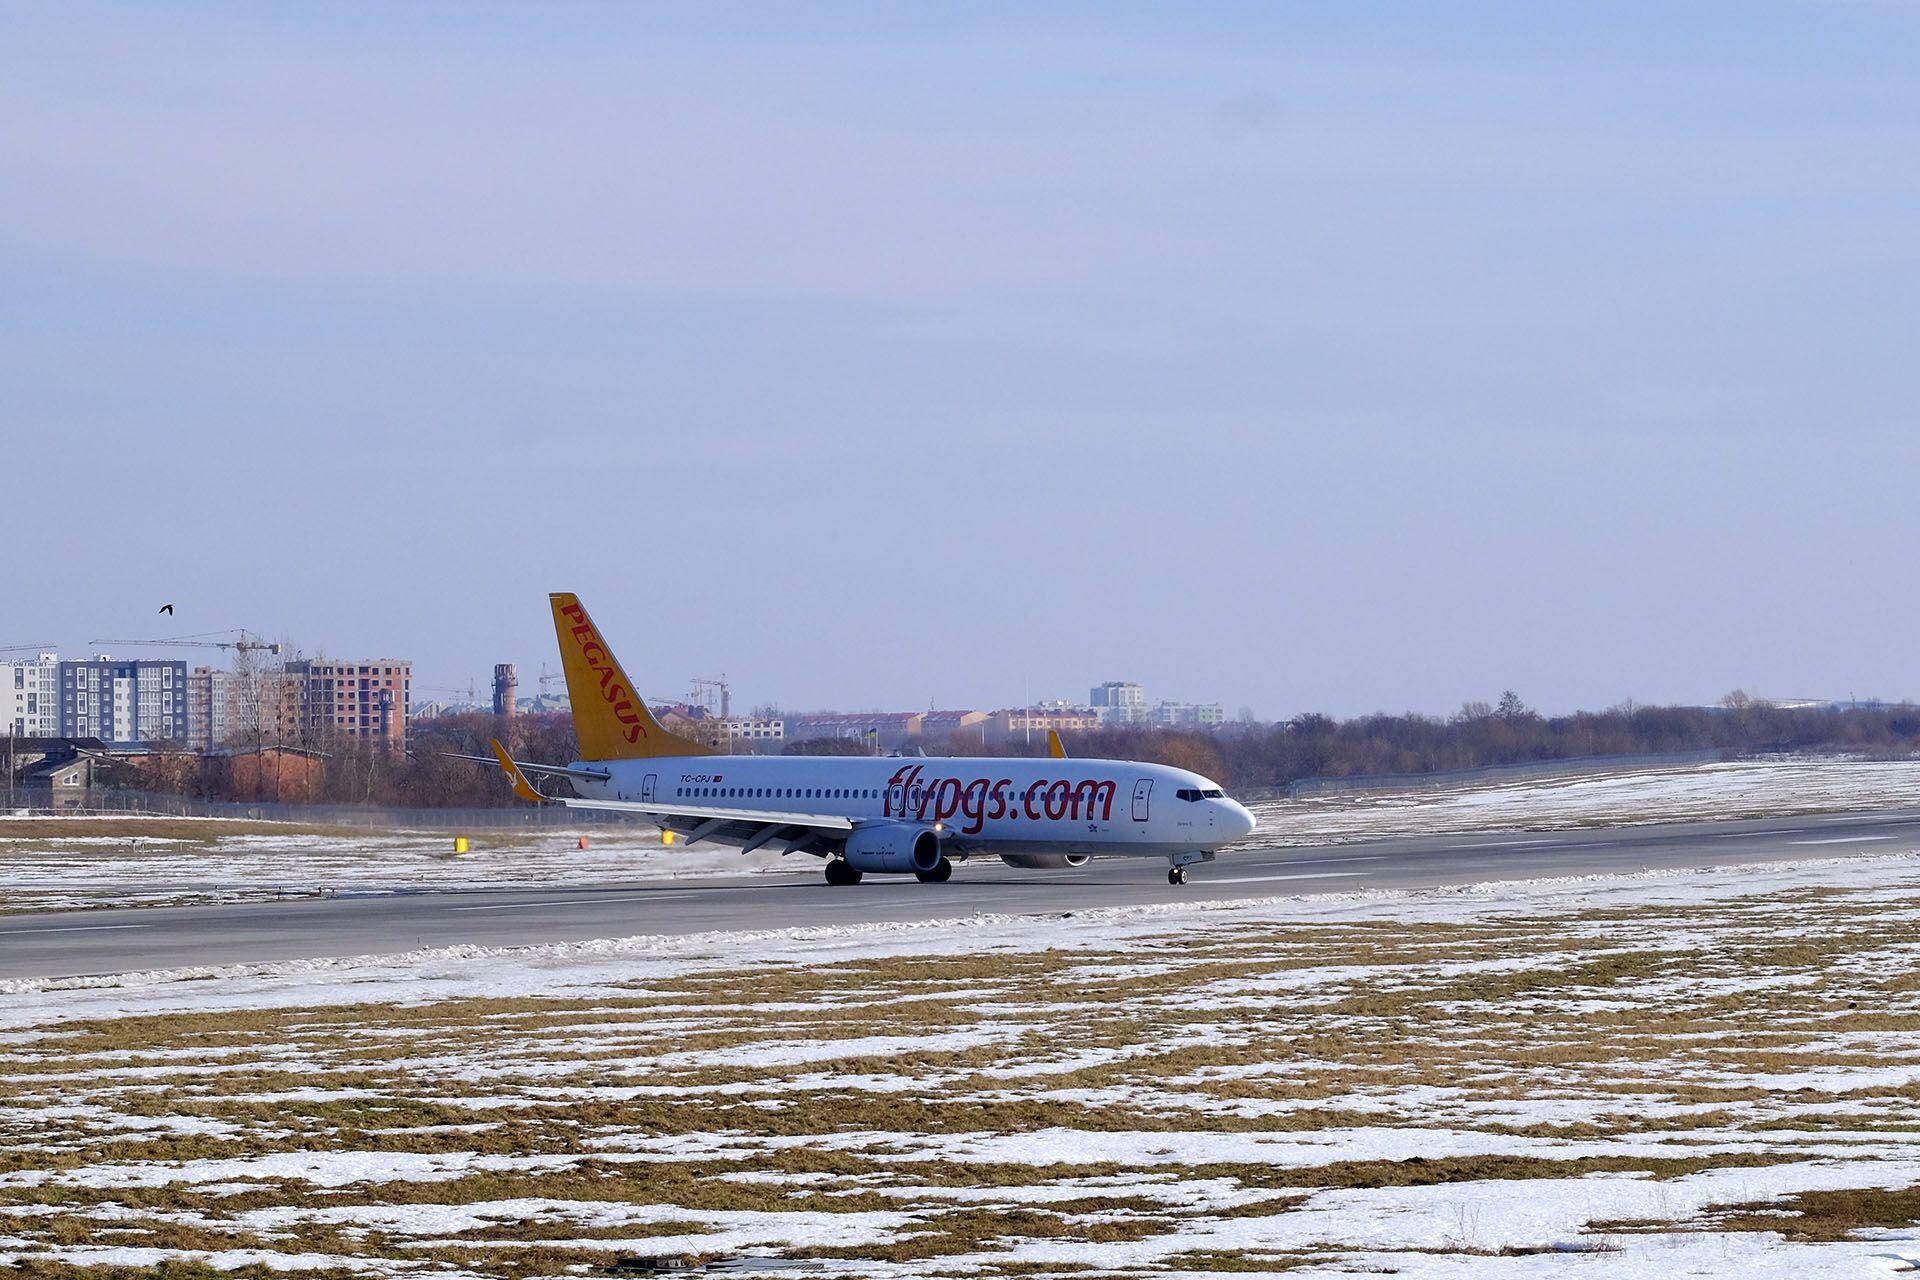 Літак, який припаркований поруч з тілом води